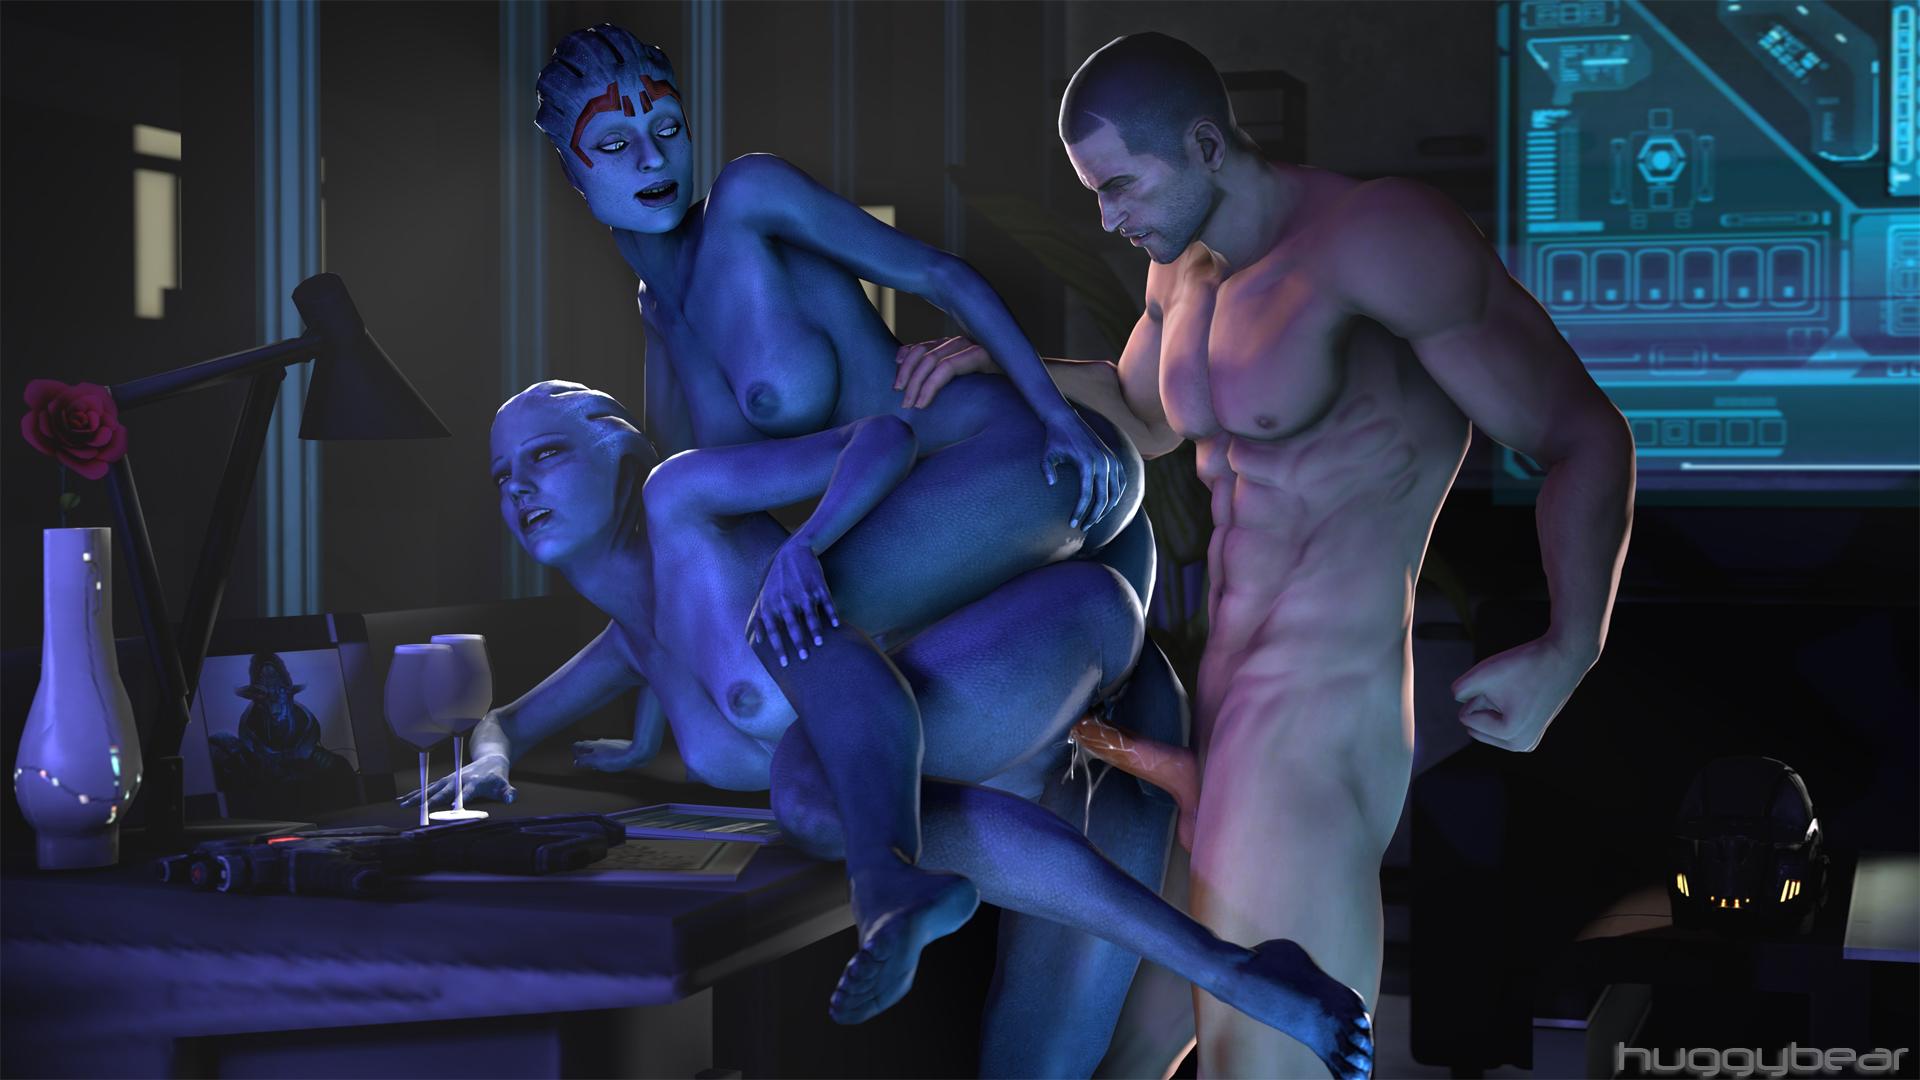 Сайт порно самара 19 фотография